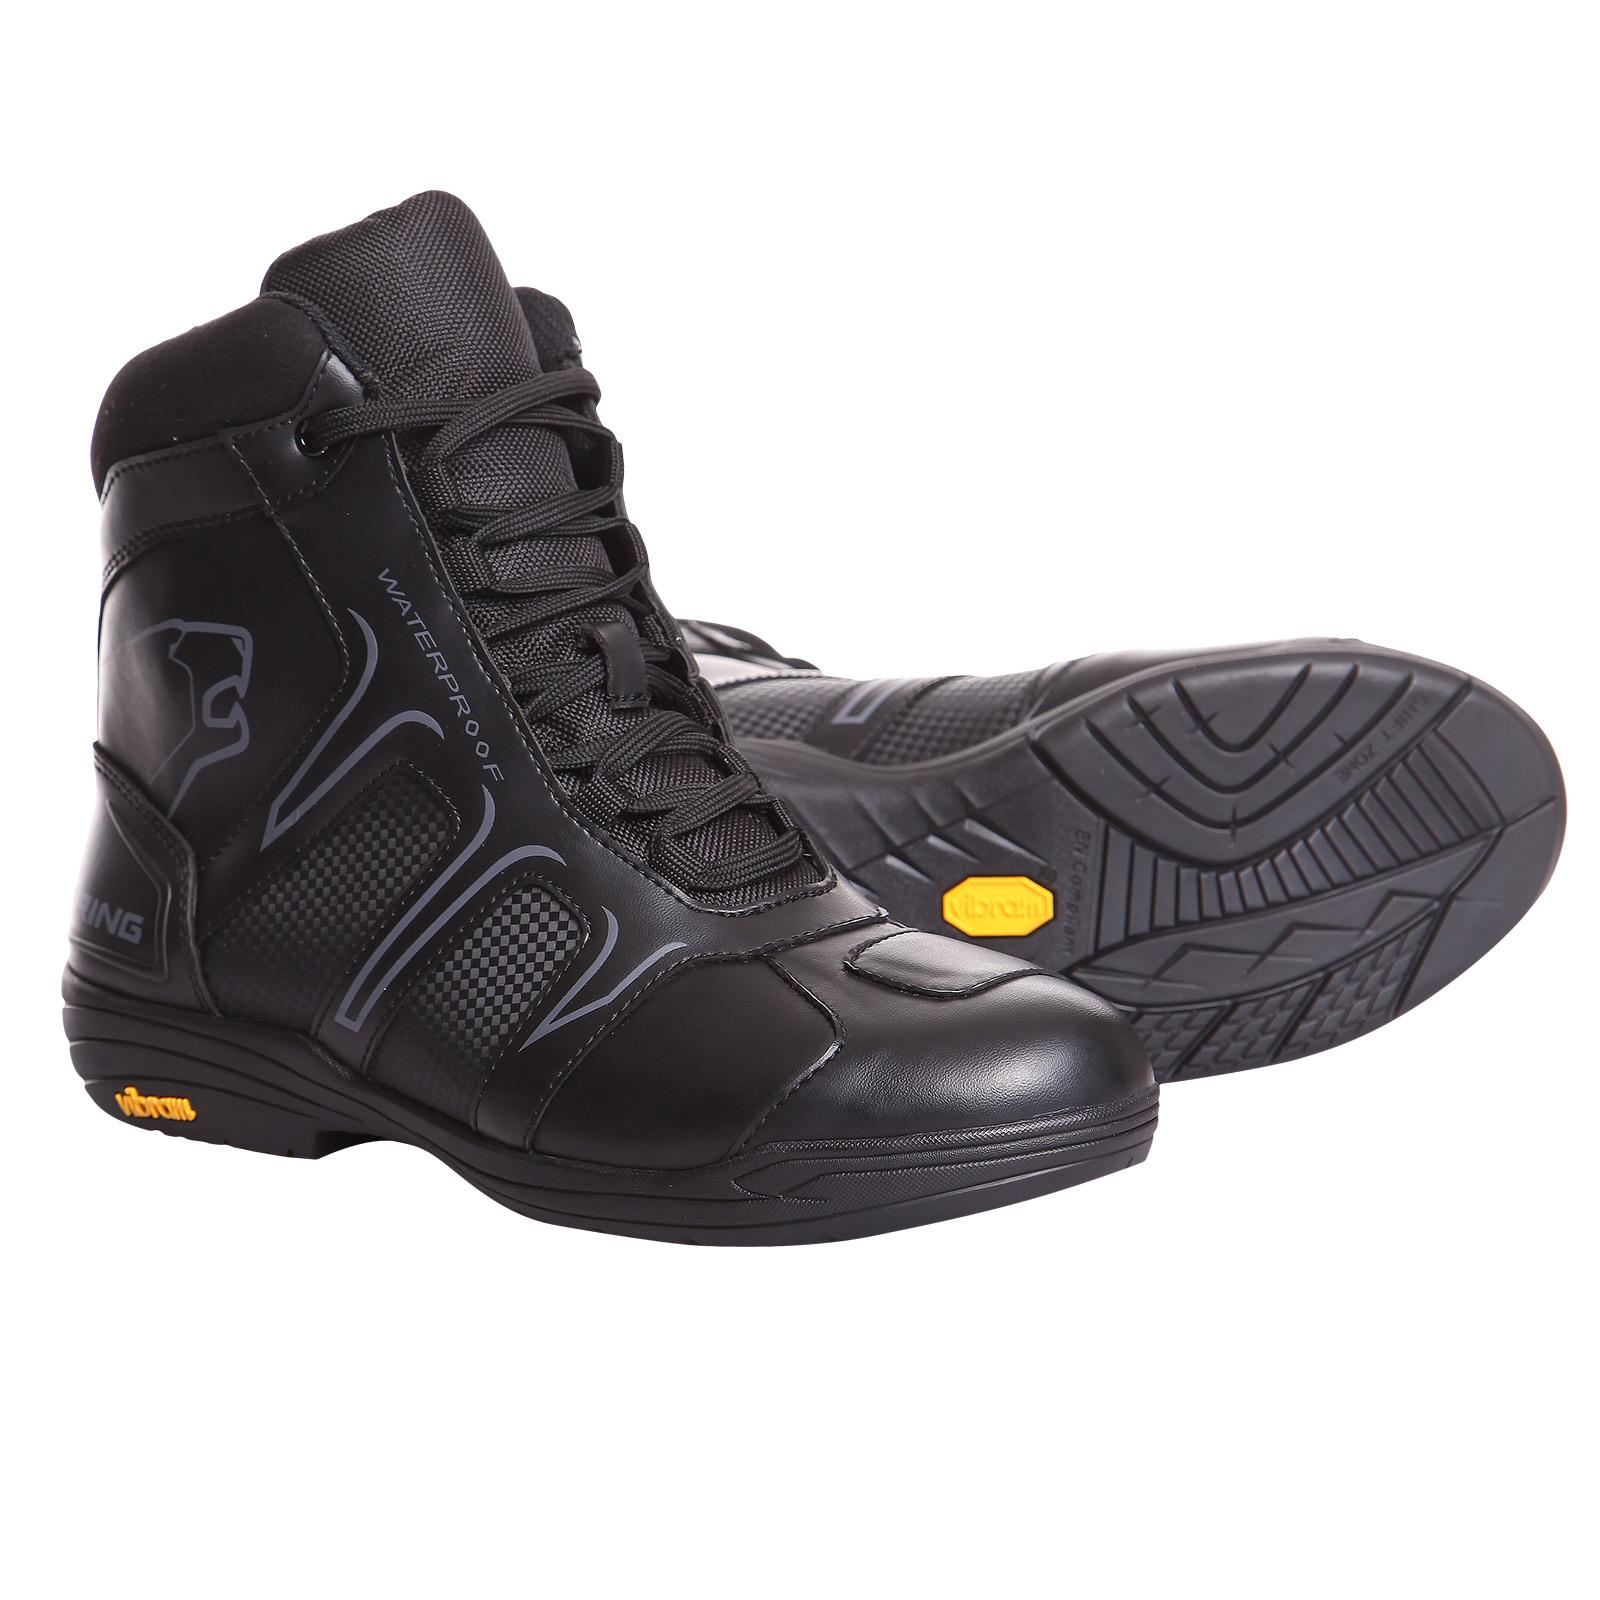 Walker BBO130 Cipők és csizmák Bering motoros ruházat